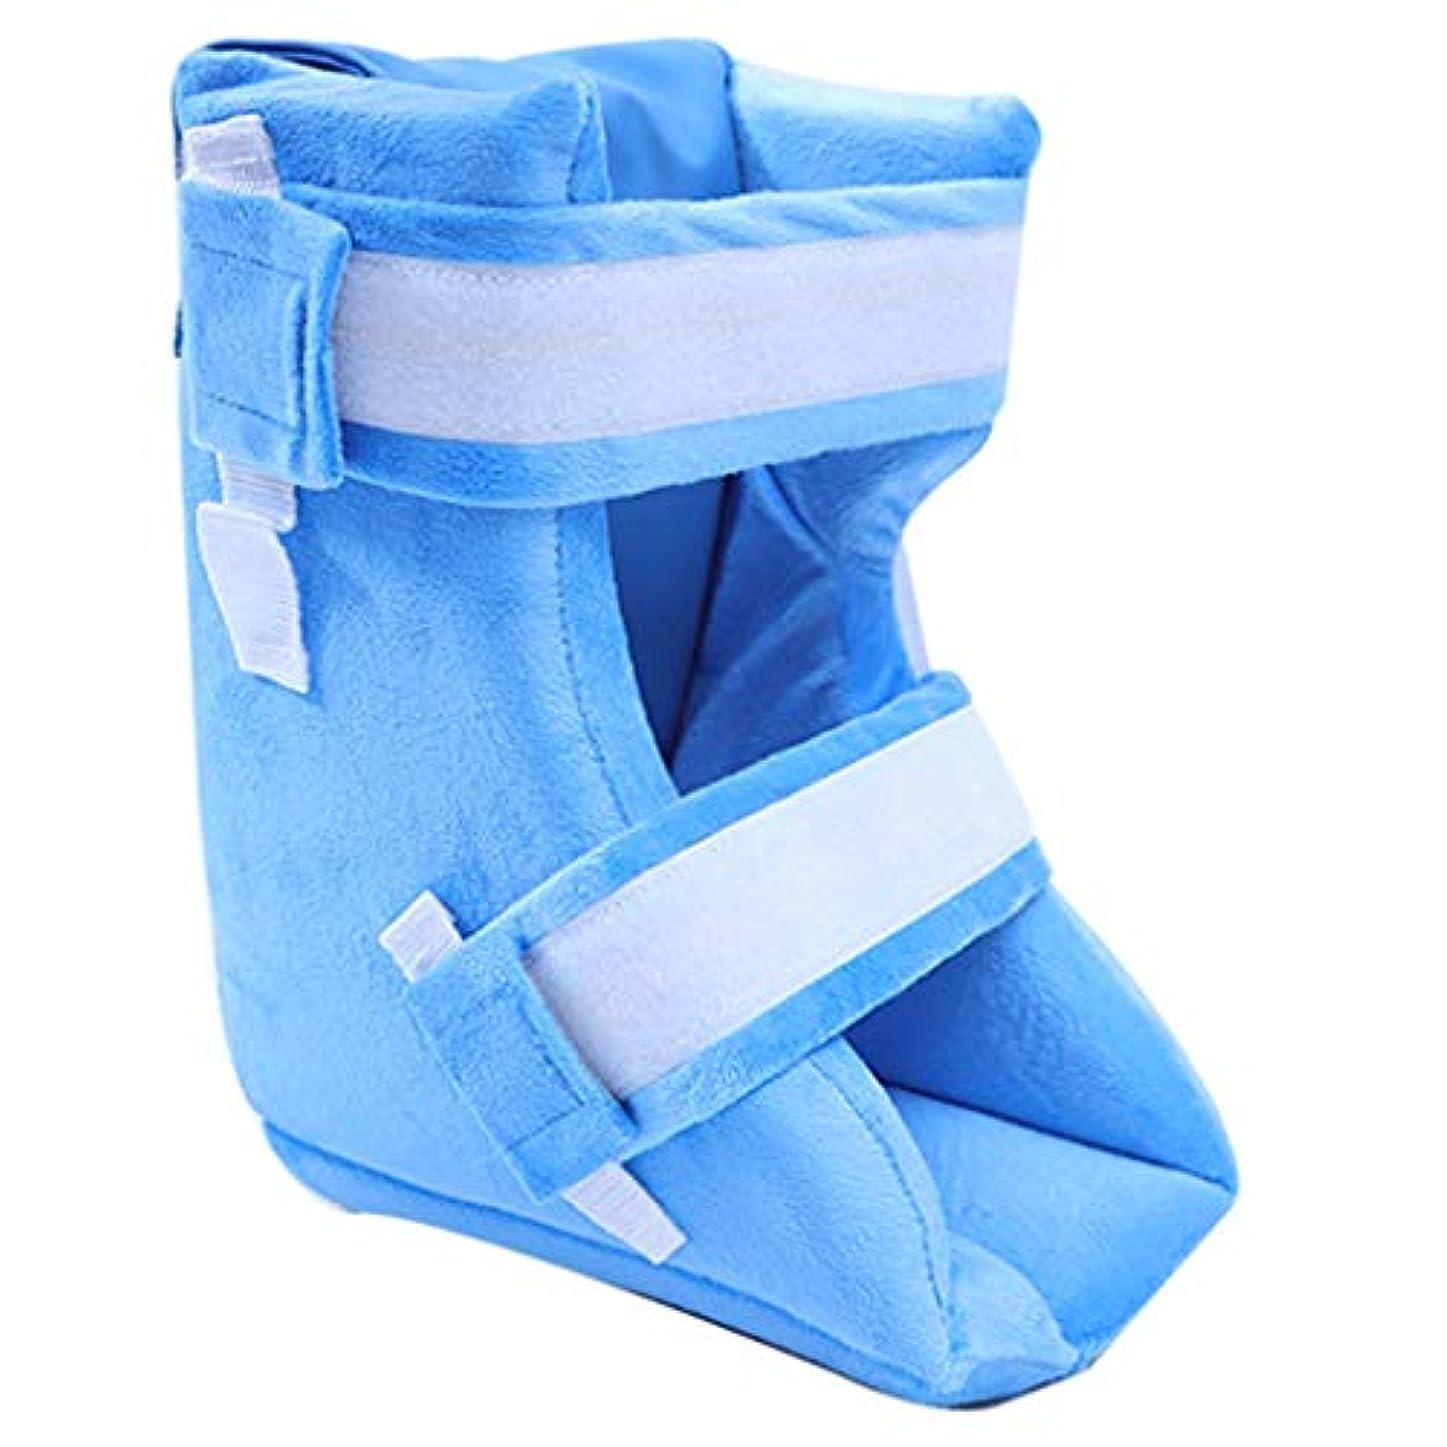 弾力性のあるブリード検体ヒールプロテクター枕、Anti-Bedsoresヒールパッド足首プロテクタークッション、有効褥瘡とヒール潰瘍緩和足枕、1個